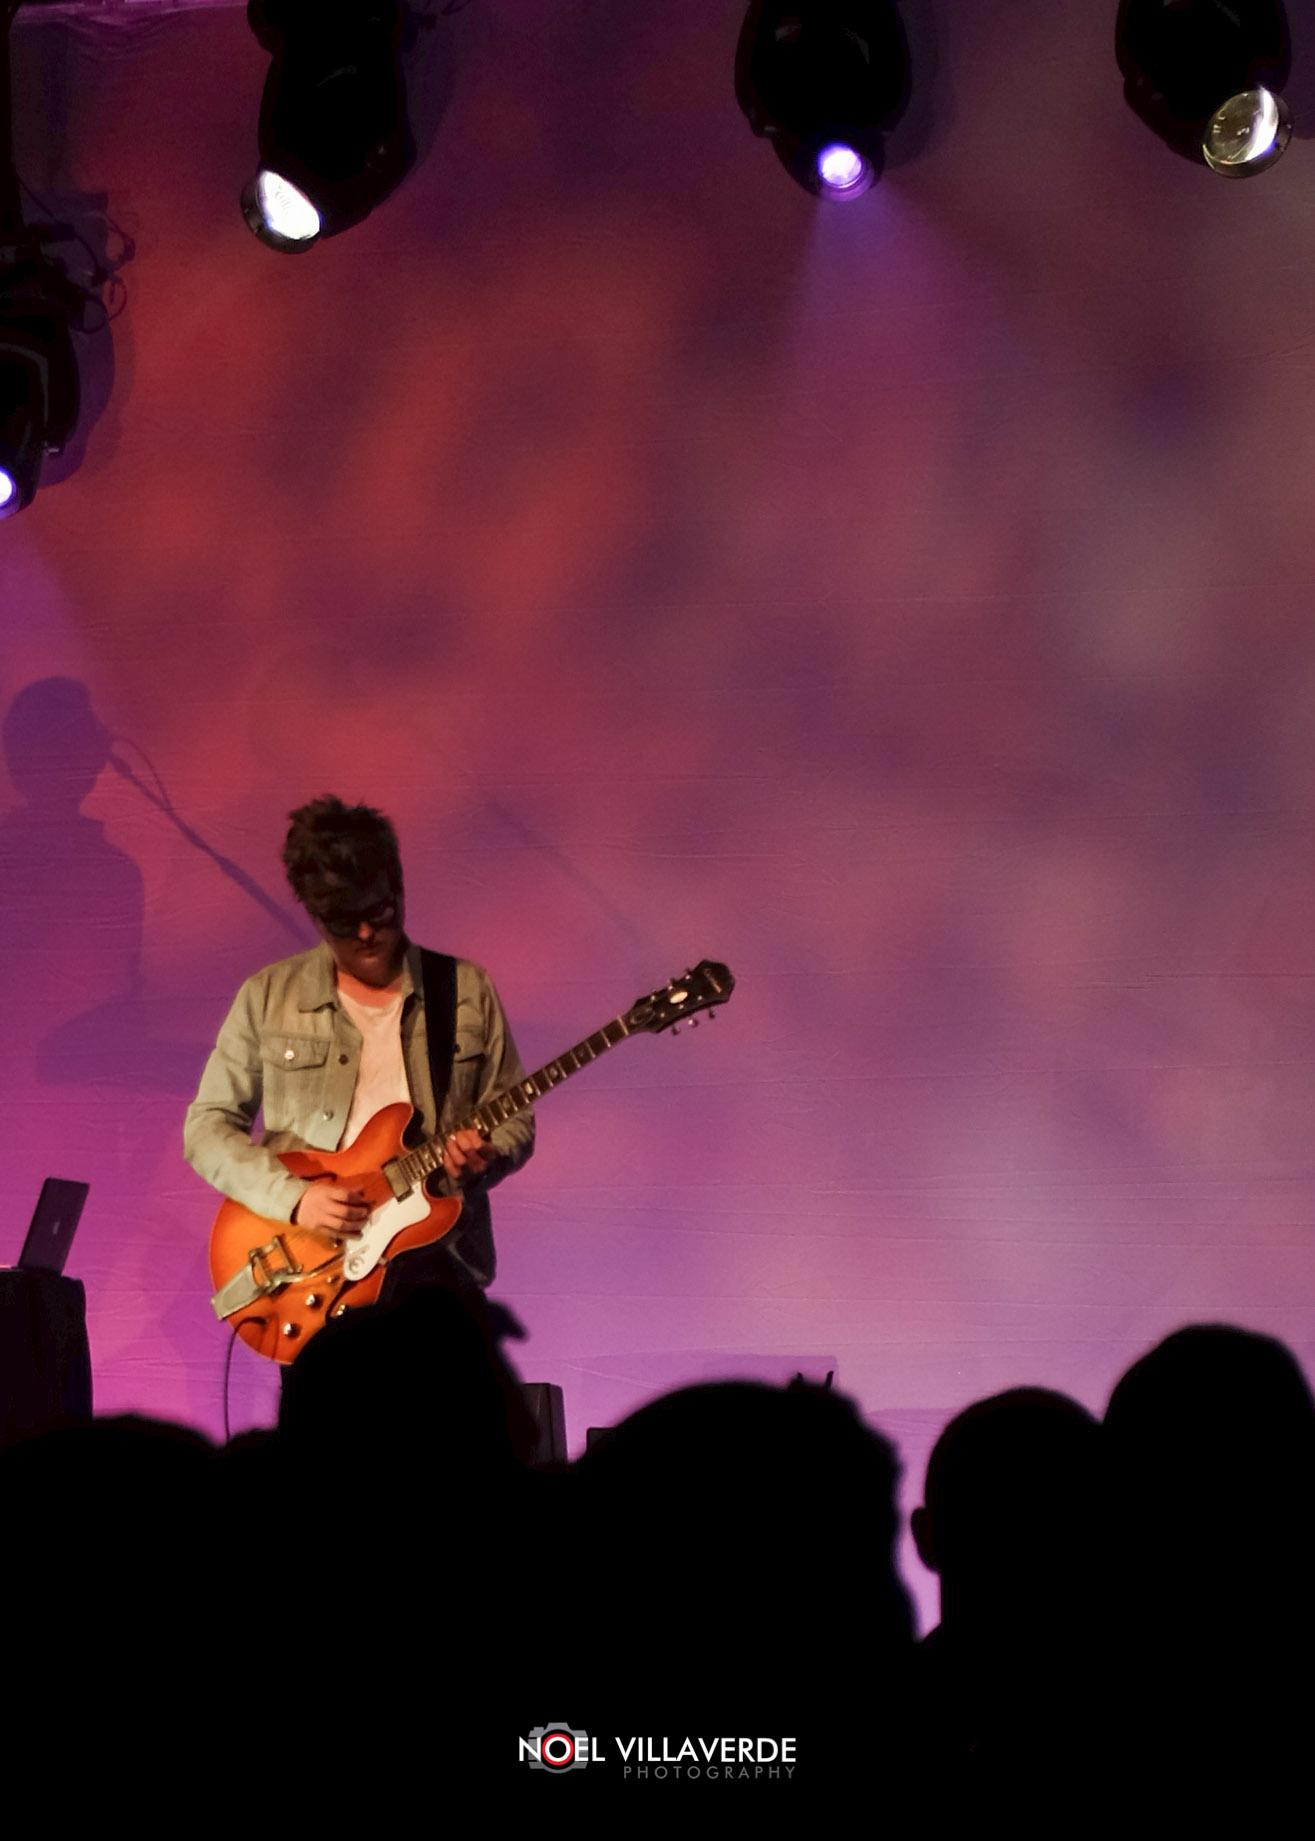 Ignition_Concert-4.jpg